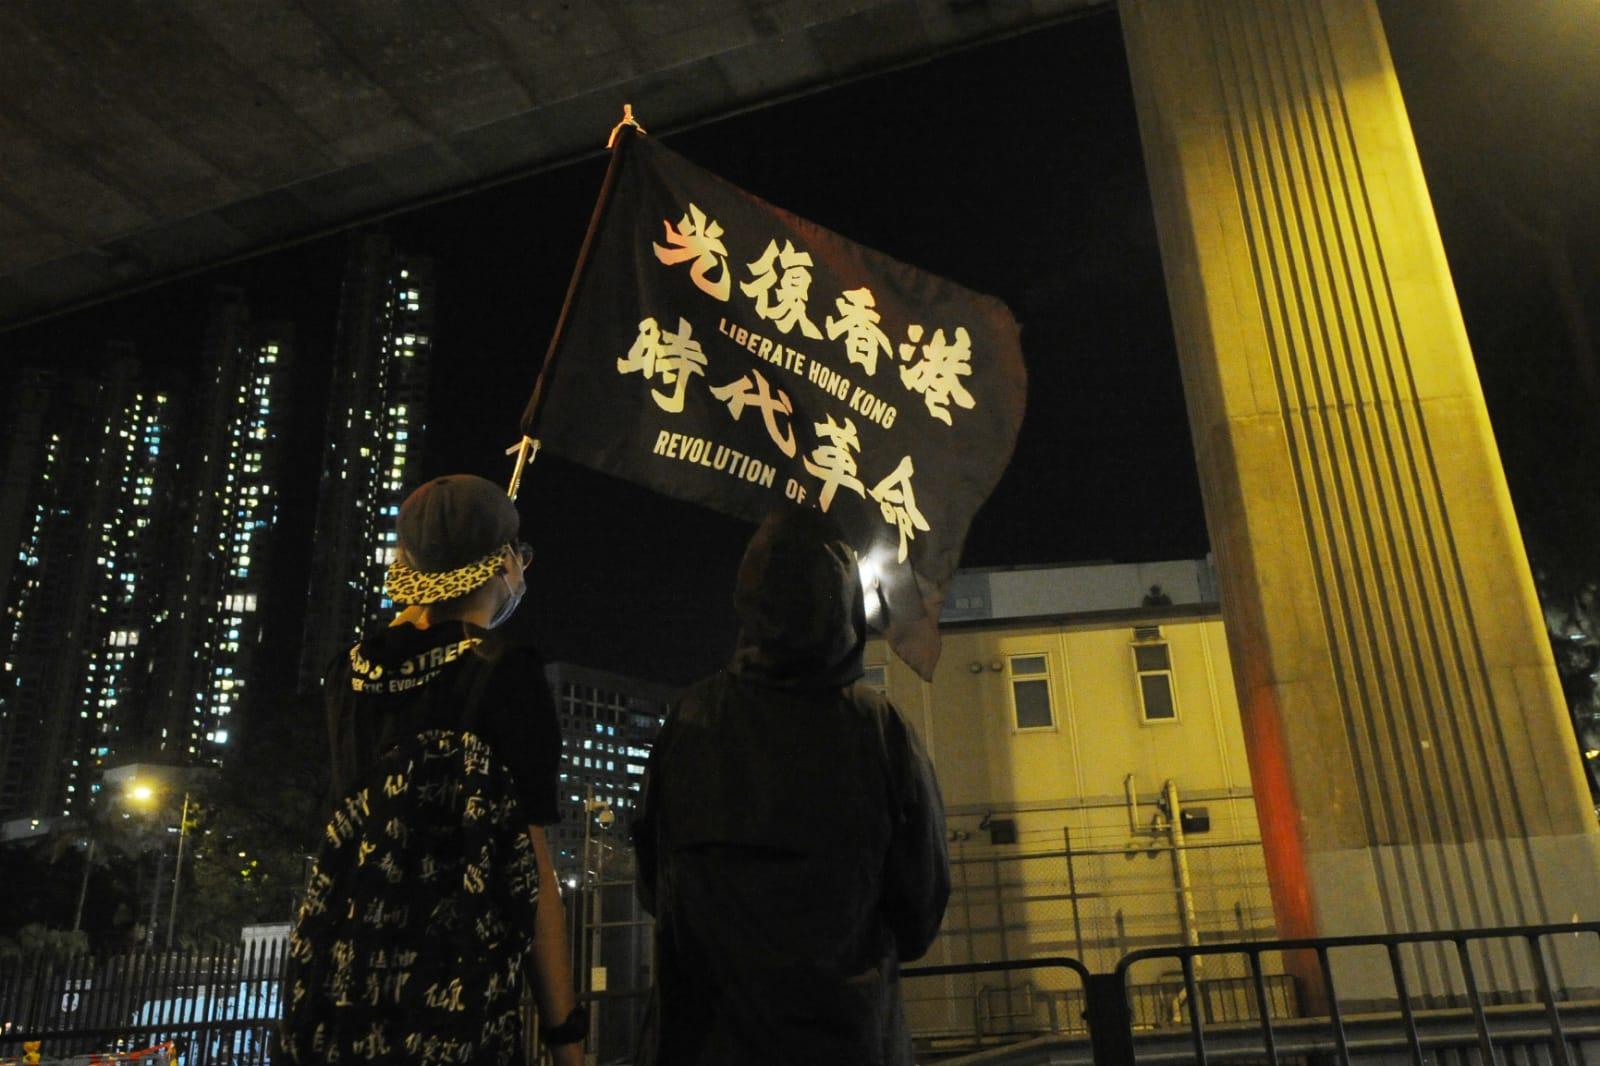 社總成員和社工復興運動成員亮出旗幟並高喊「光復香港,時代革命」。(宋碧龍/大紀元)